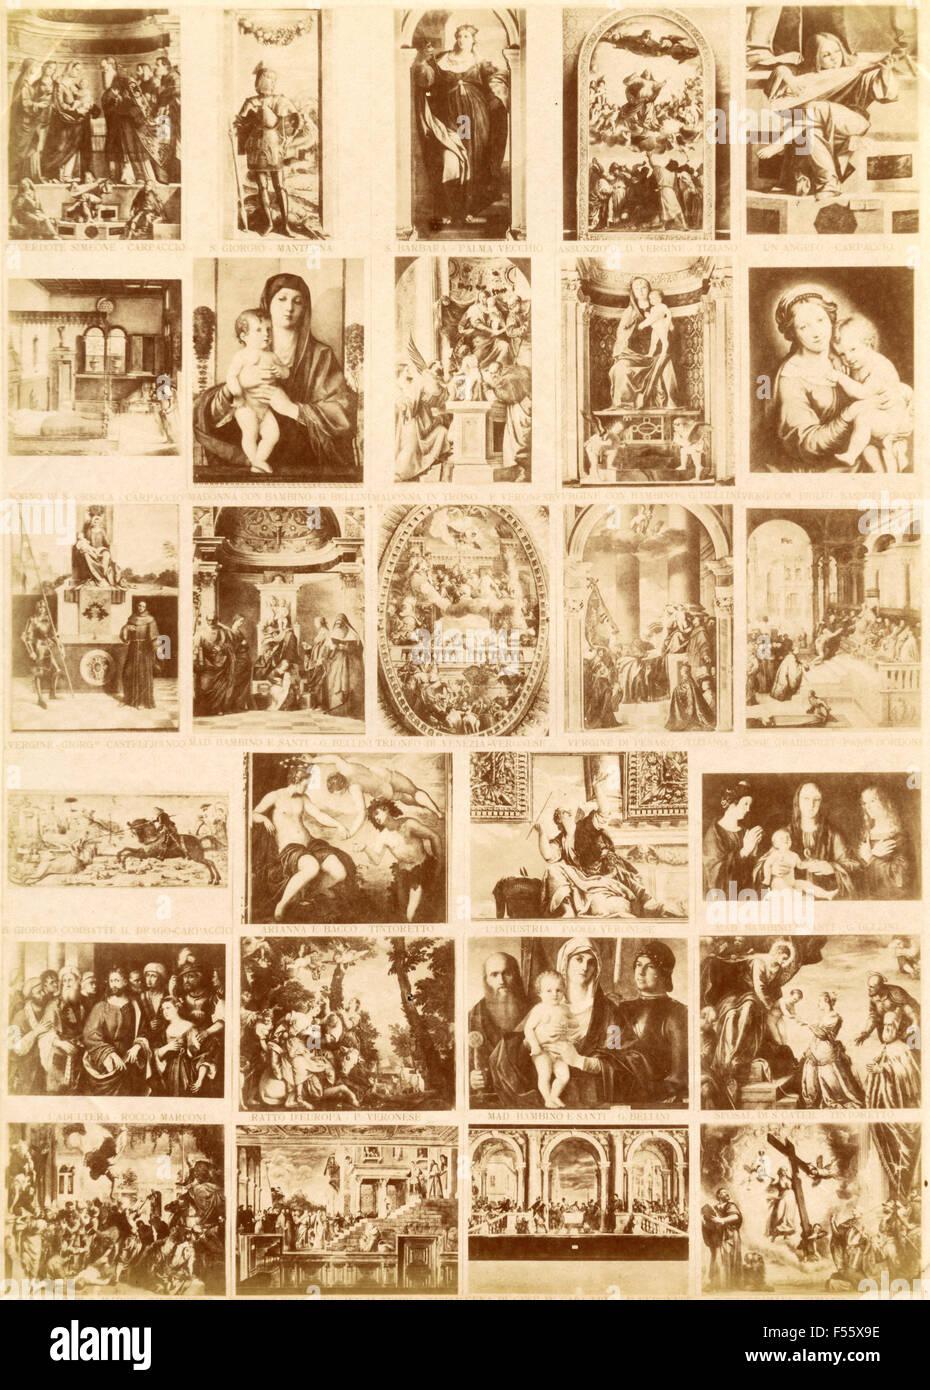 Sammlung von Heiligen Bildern und berühmte Gemälde Stockfoto